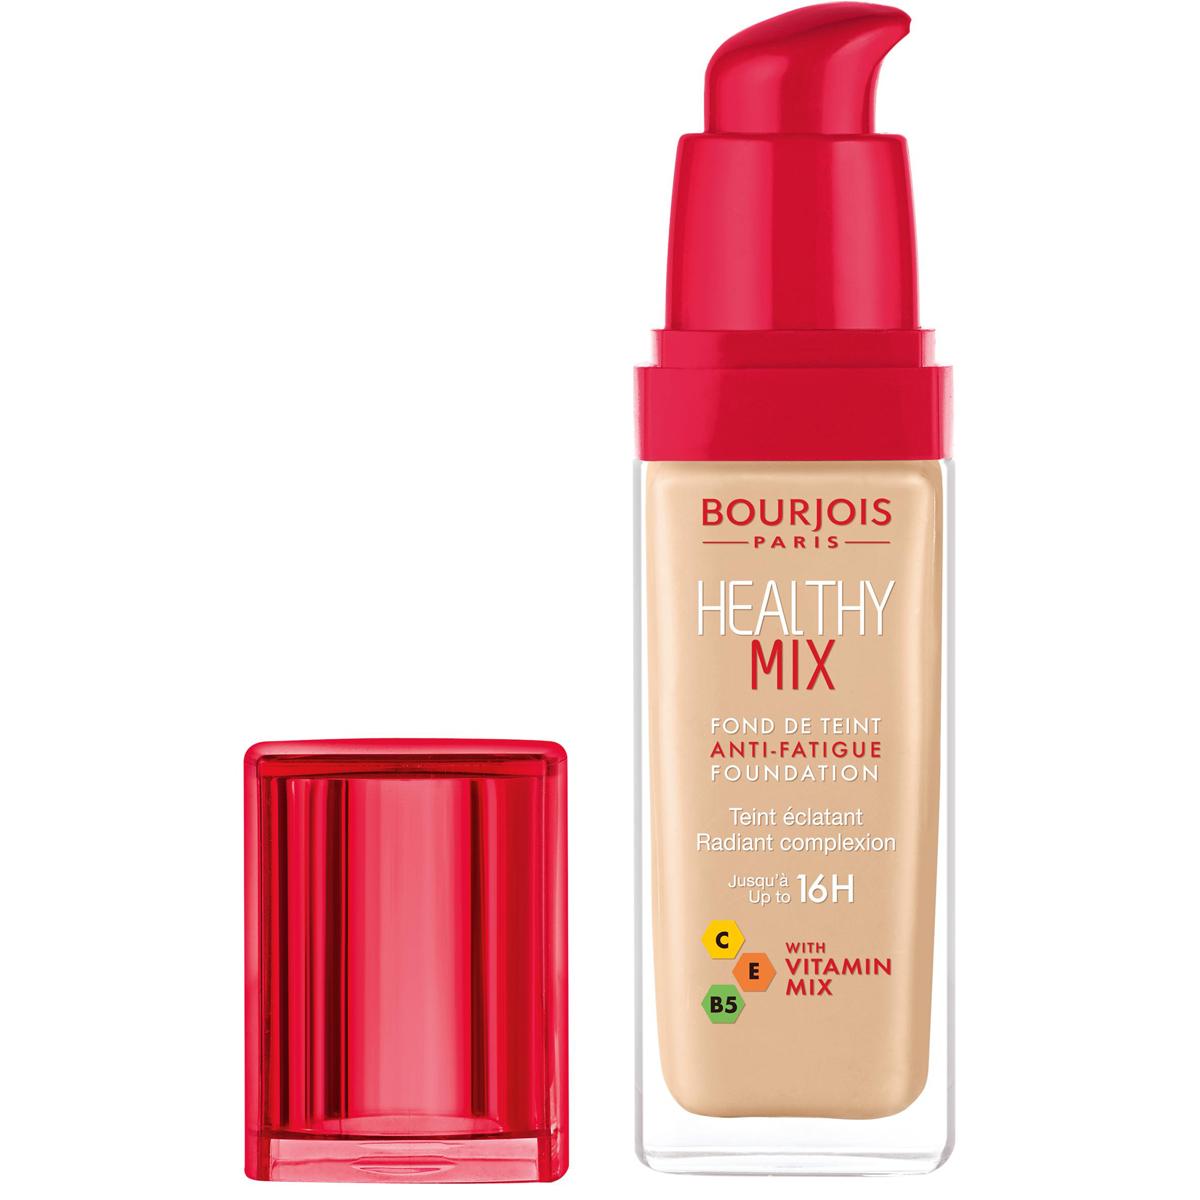 Bourjois Консилер Healthy Mix, Тон 5229199598002Healthy Mix Concealer содержит антиоксиданты, мощный витаминный комплекс и тонизирующие компоненты, которые скрывают следы усталости и придают сияние Вашей коже.